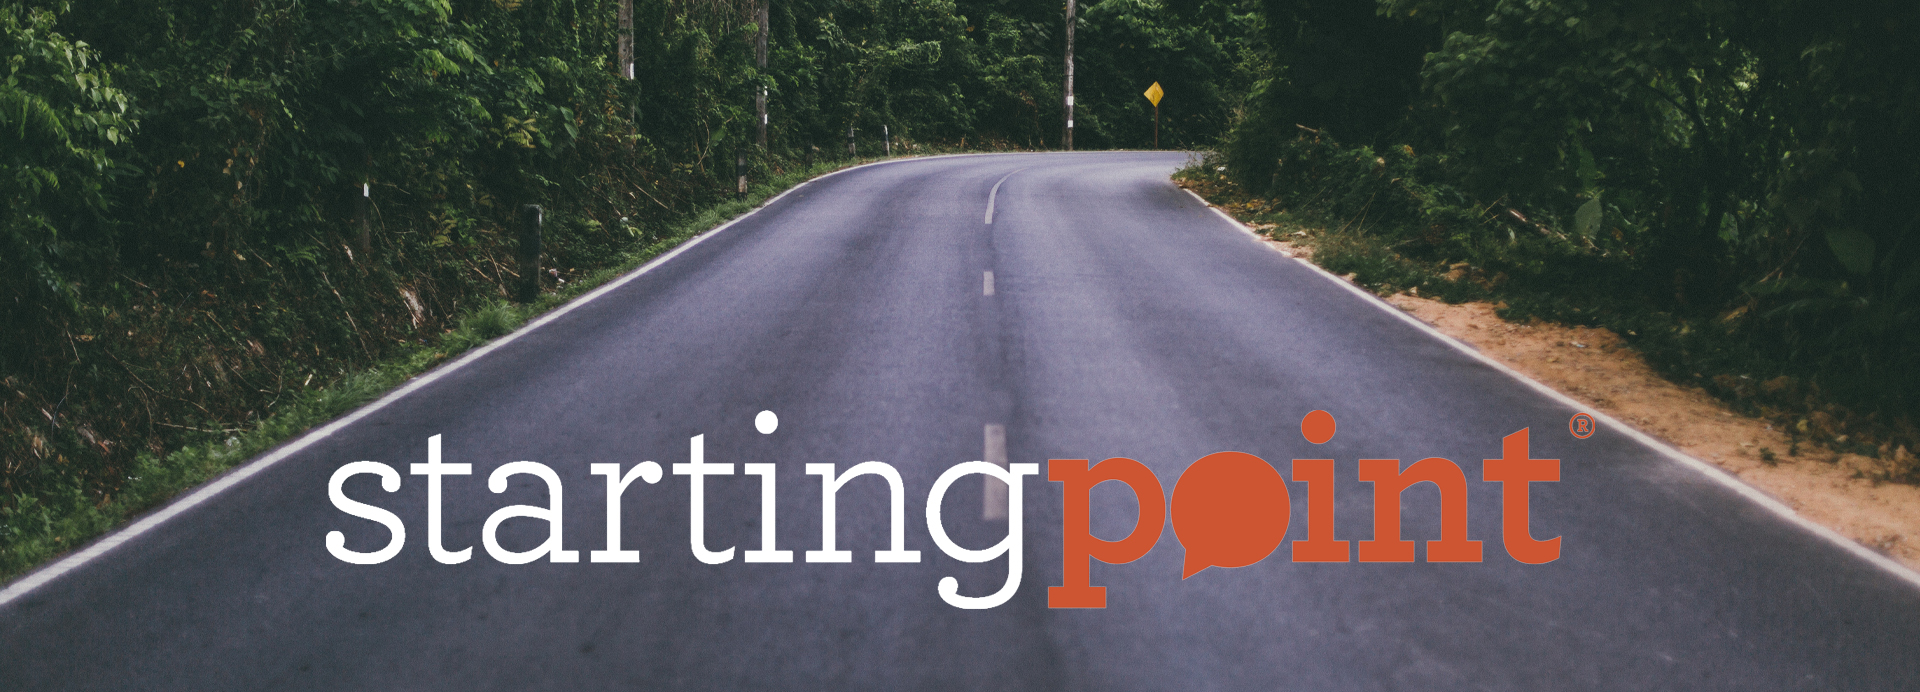 Starting Point_banner.jpg